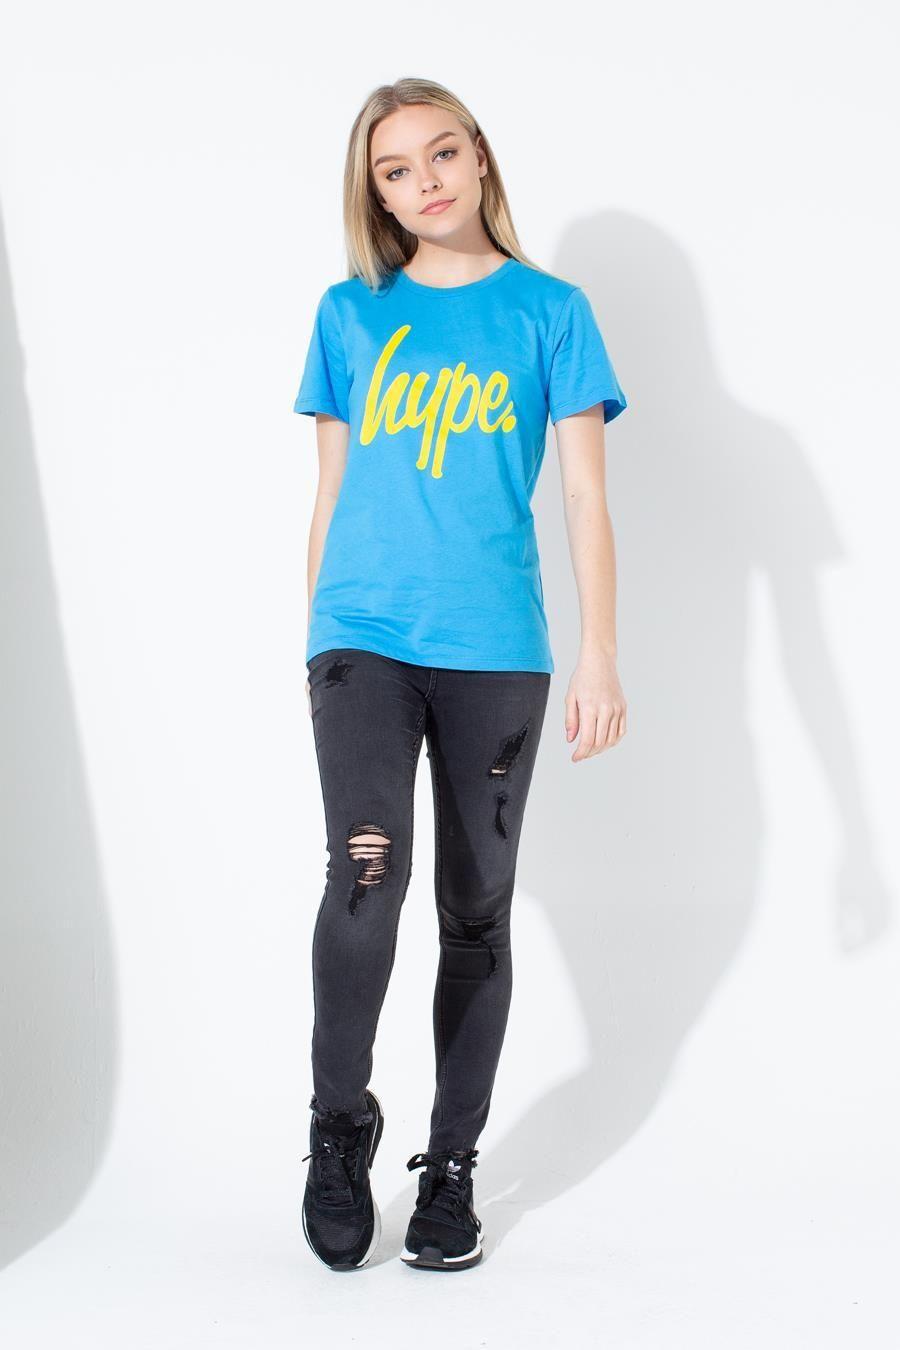 Hype Blue Large Script Kids T-Shirt